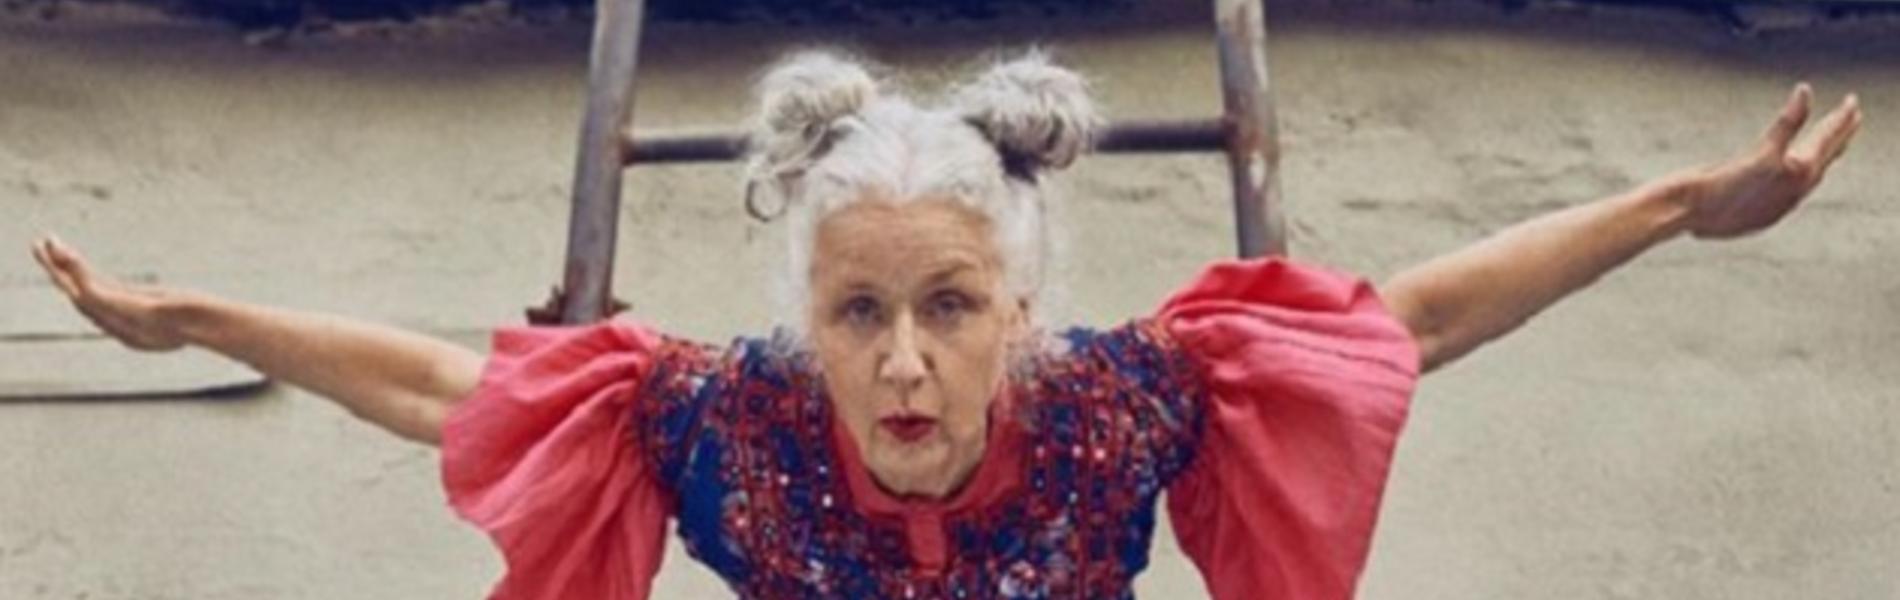 הנשים המבוגרות הן הדבר הכי מגניב שקורה באינסטגרם